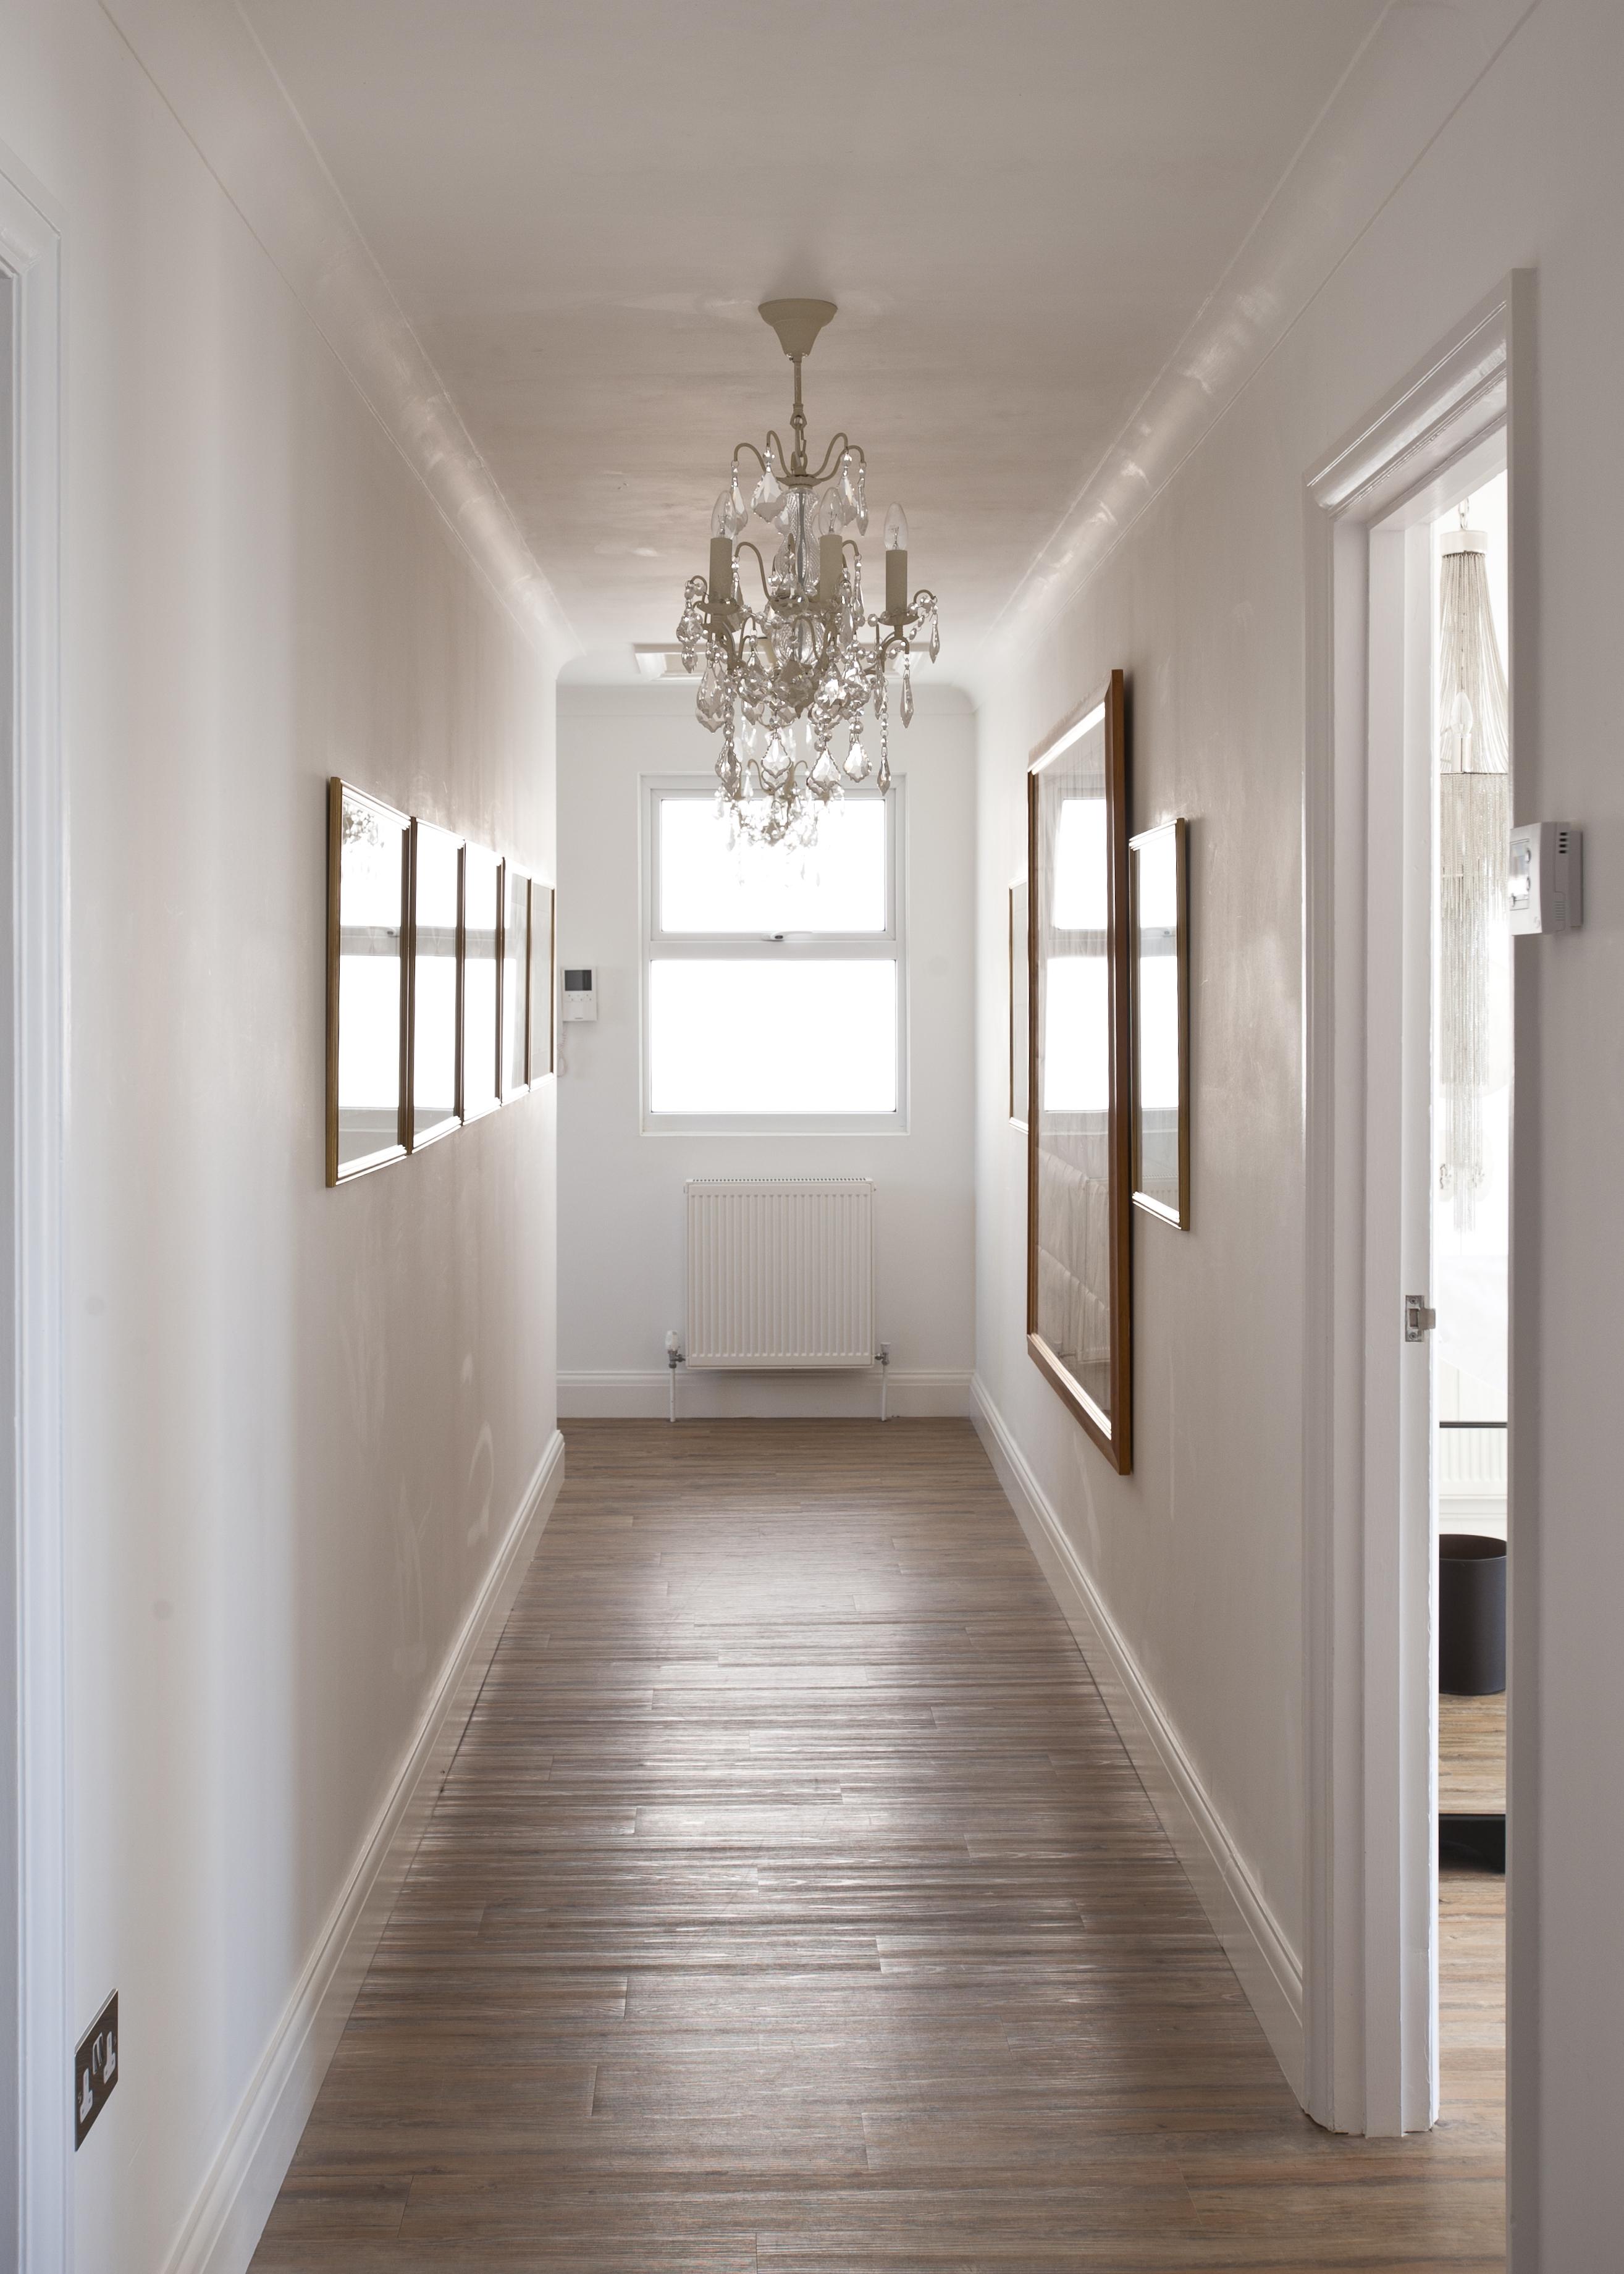 Hallway Chandelier Home Decor Hallway Design Pinterest In Small Hallway Chandeliers (#4 of 12)